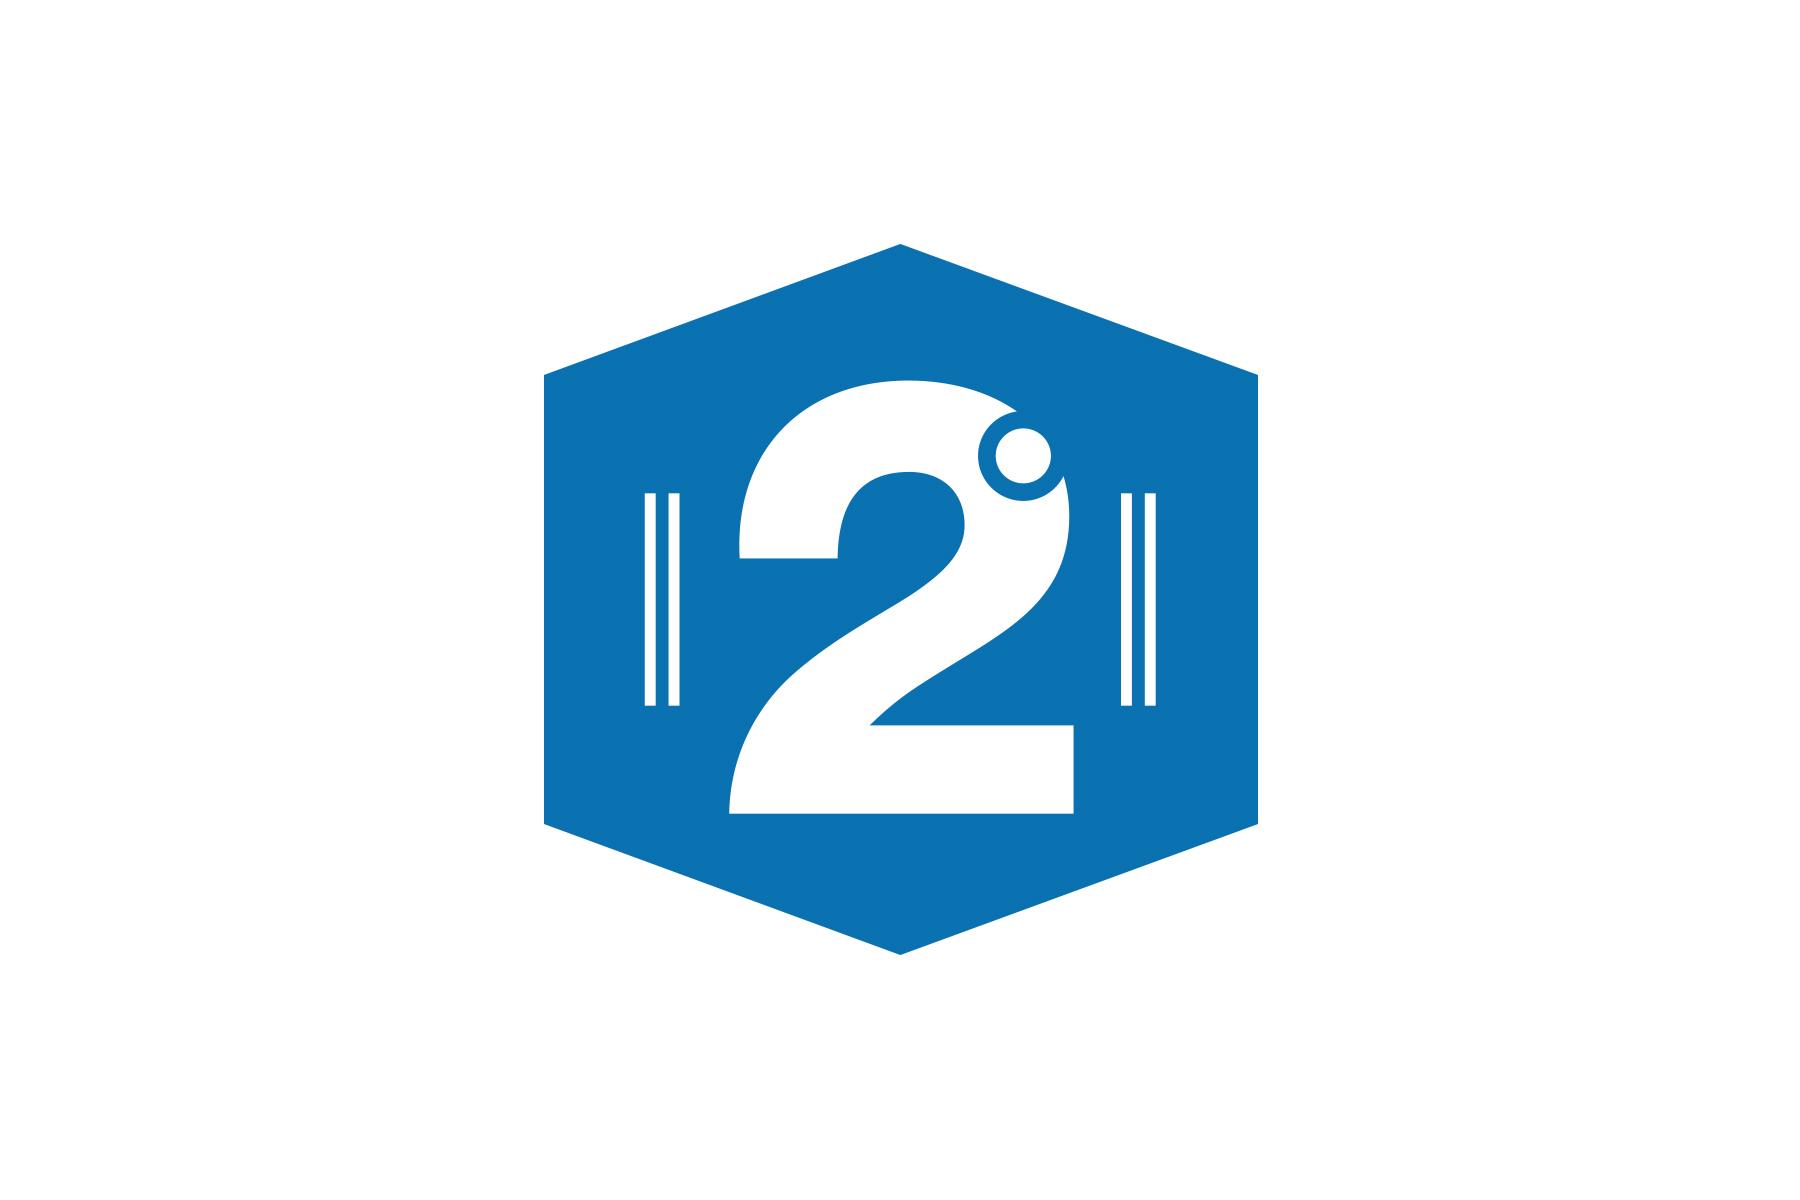 2Degrees_6x4_Logo_Alt_B2.jpg